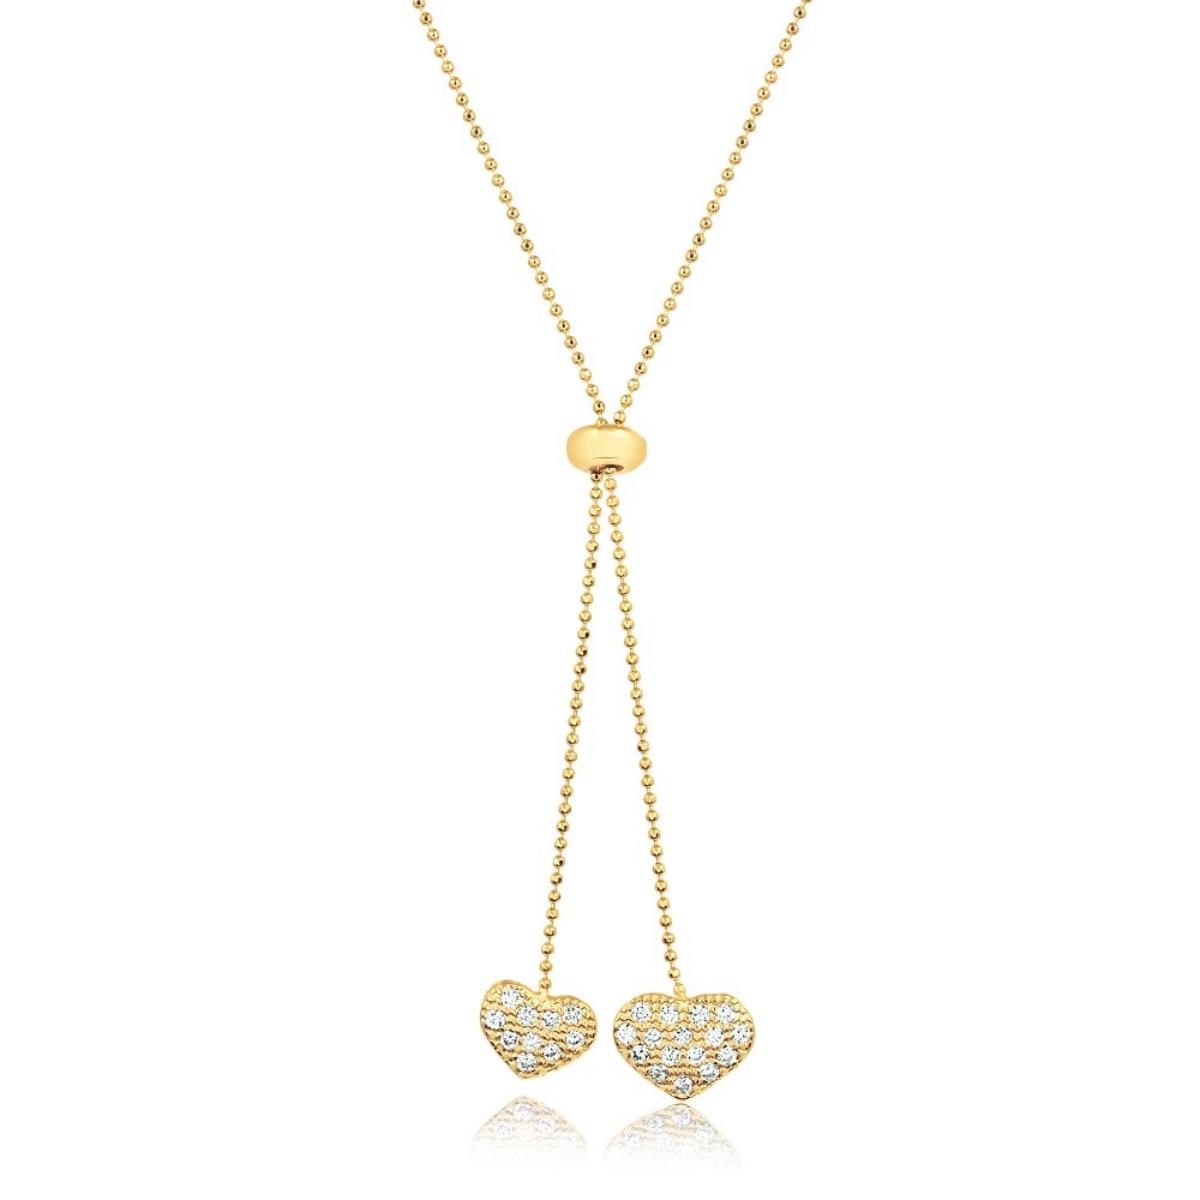 Colar Gravatinha de Coração Regulável Semijoia em Ouro 18K com Zircônia Branca  - Soloyou